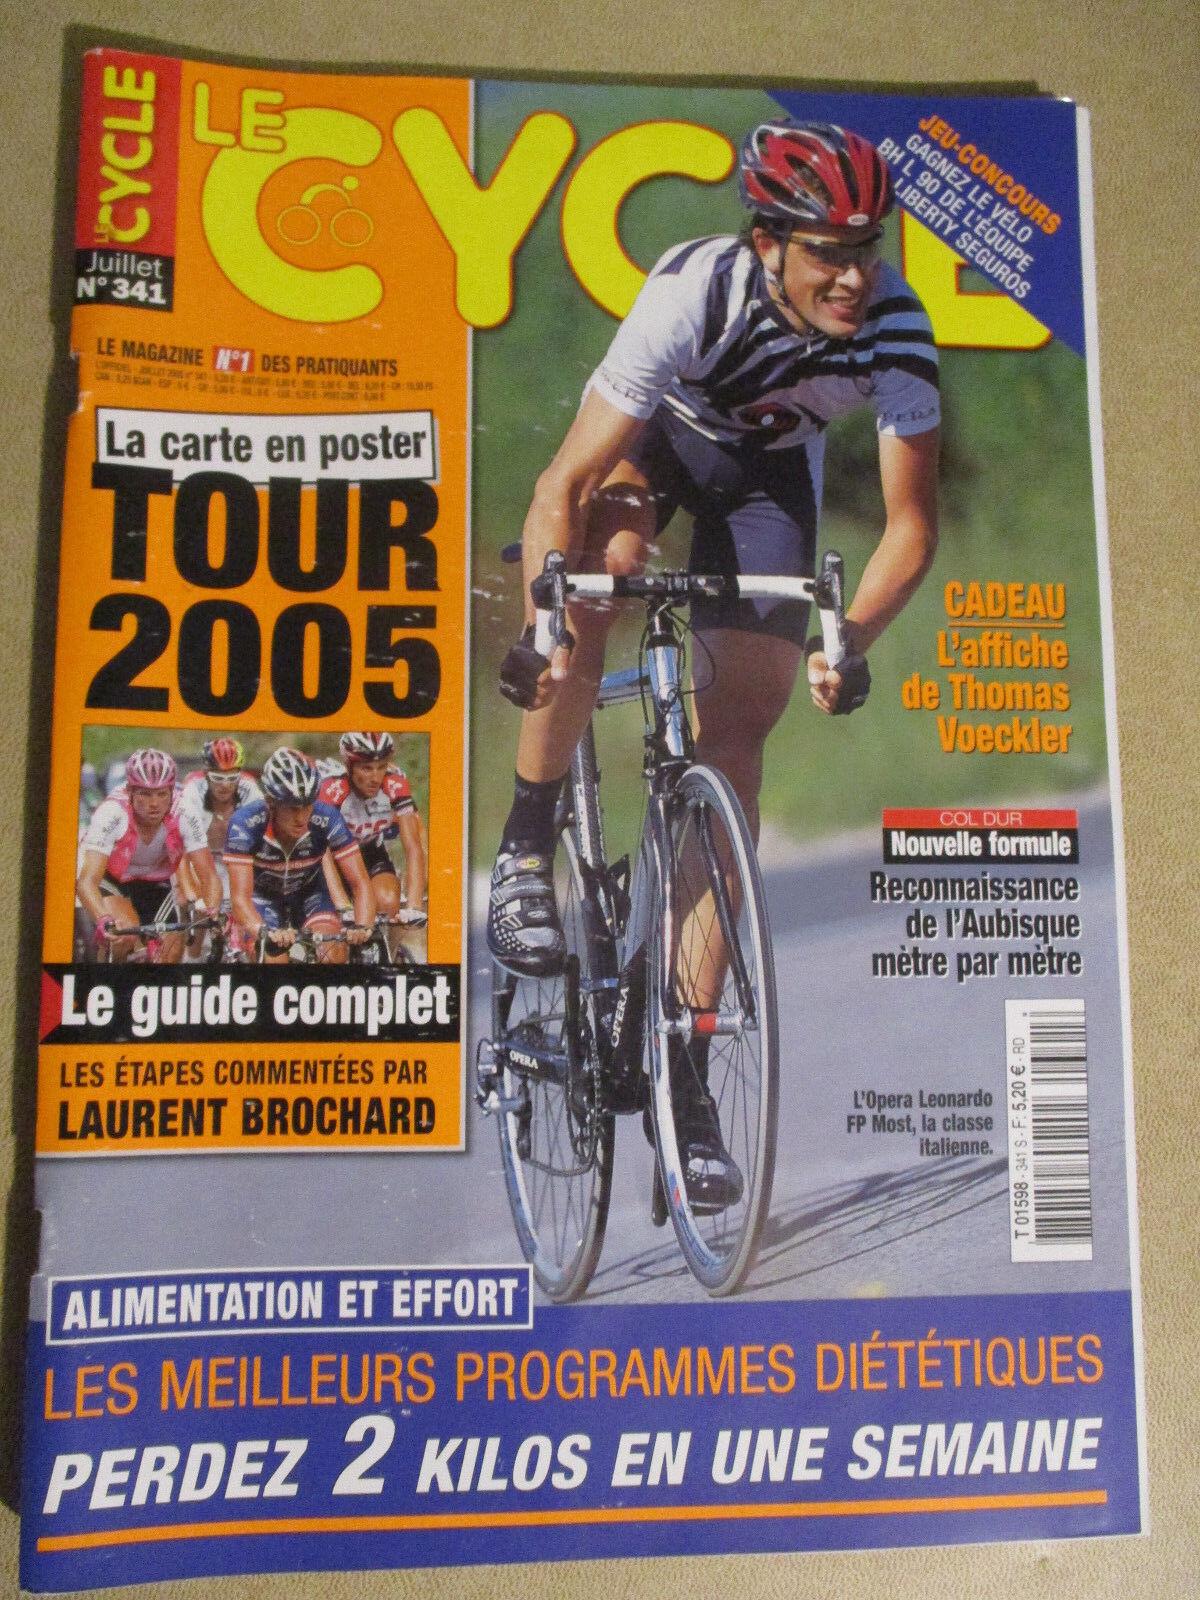 LE CYCLE N°341 : JUILLET 2005 : GUIDE DU TOUR DE FRANCE AVEC CARTE POSTER